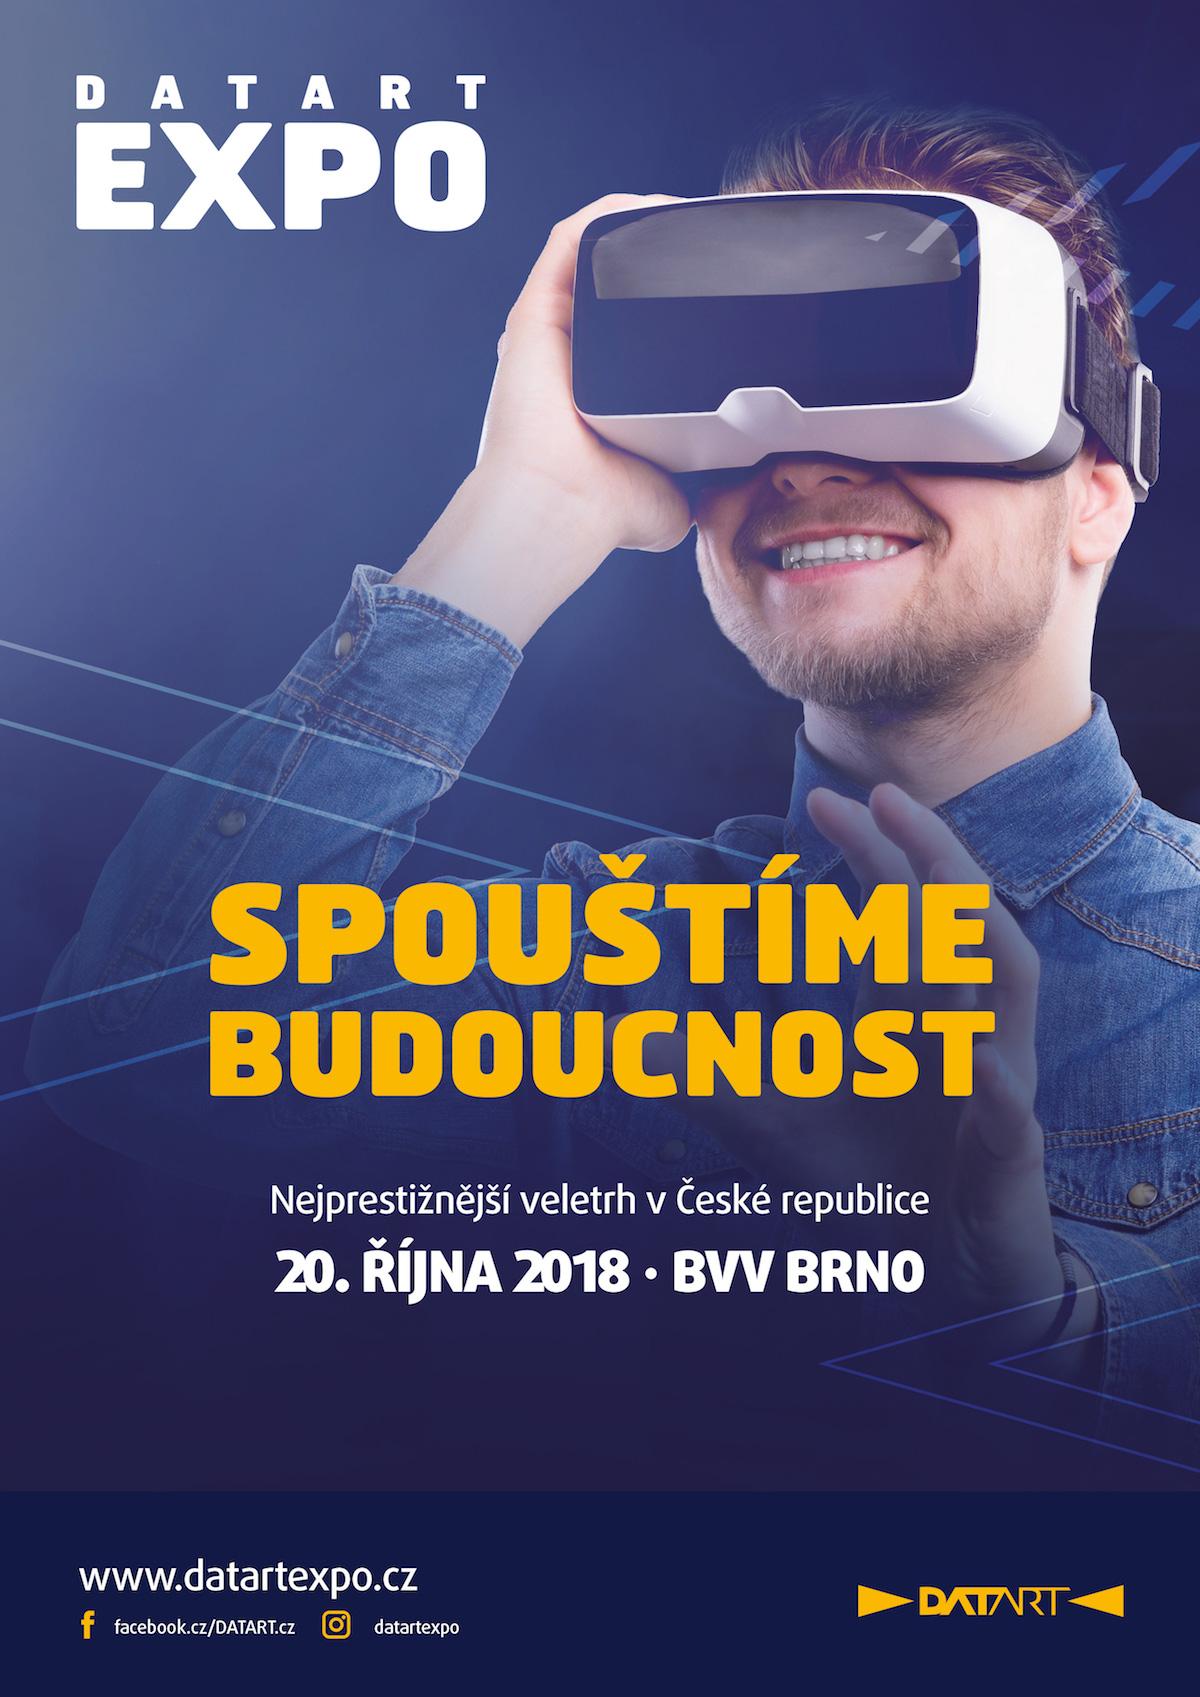 Propagační plakáty lákají na doprovodný program s virtuální realitou